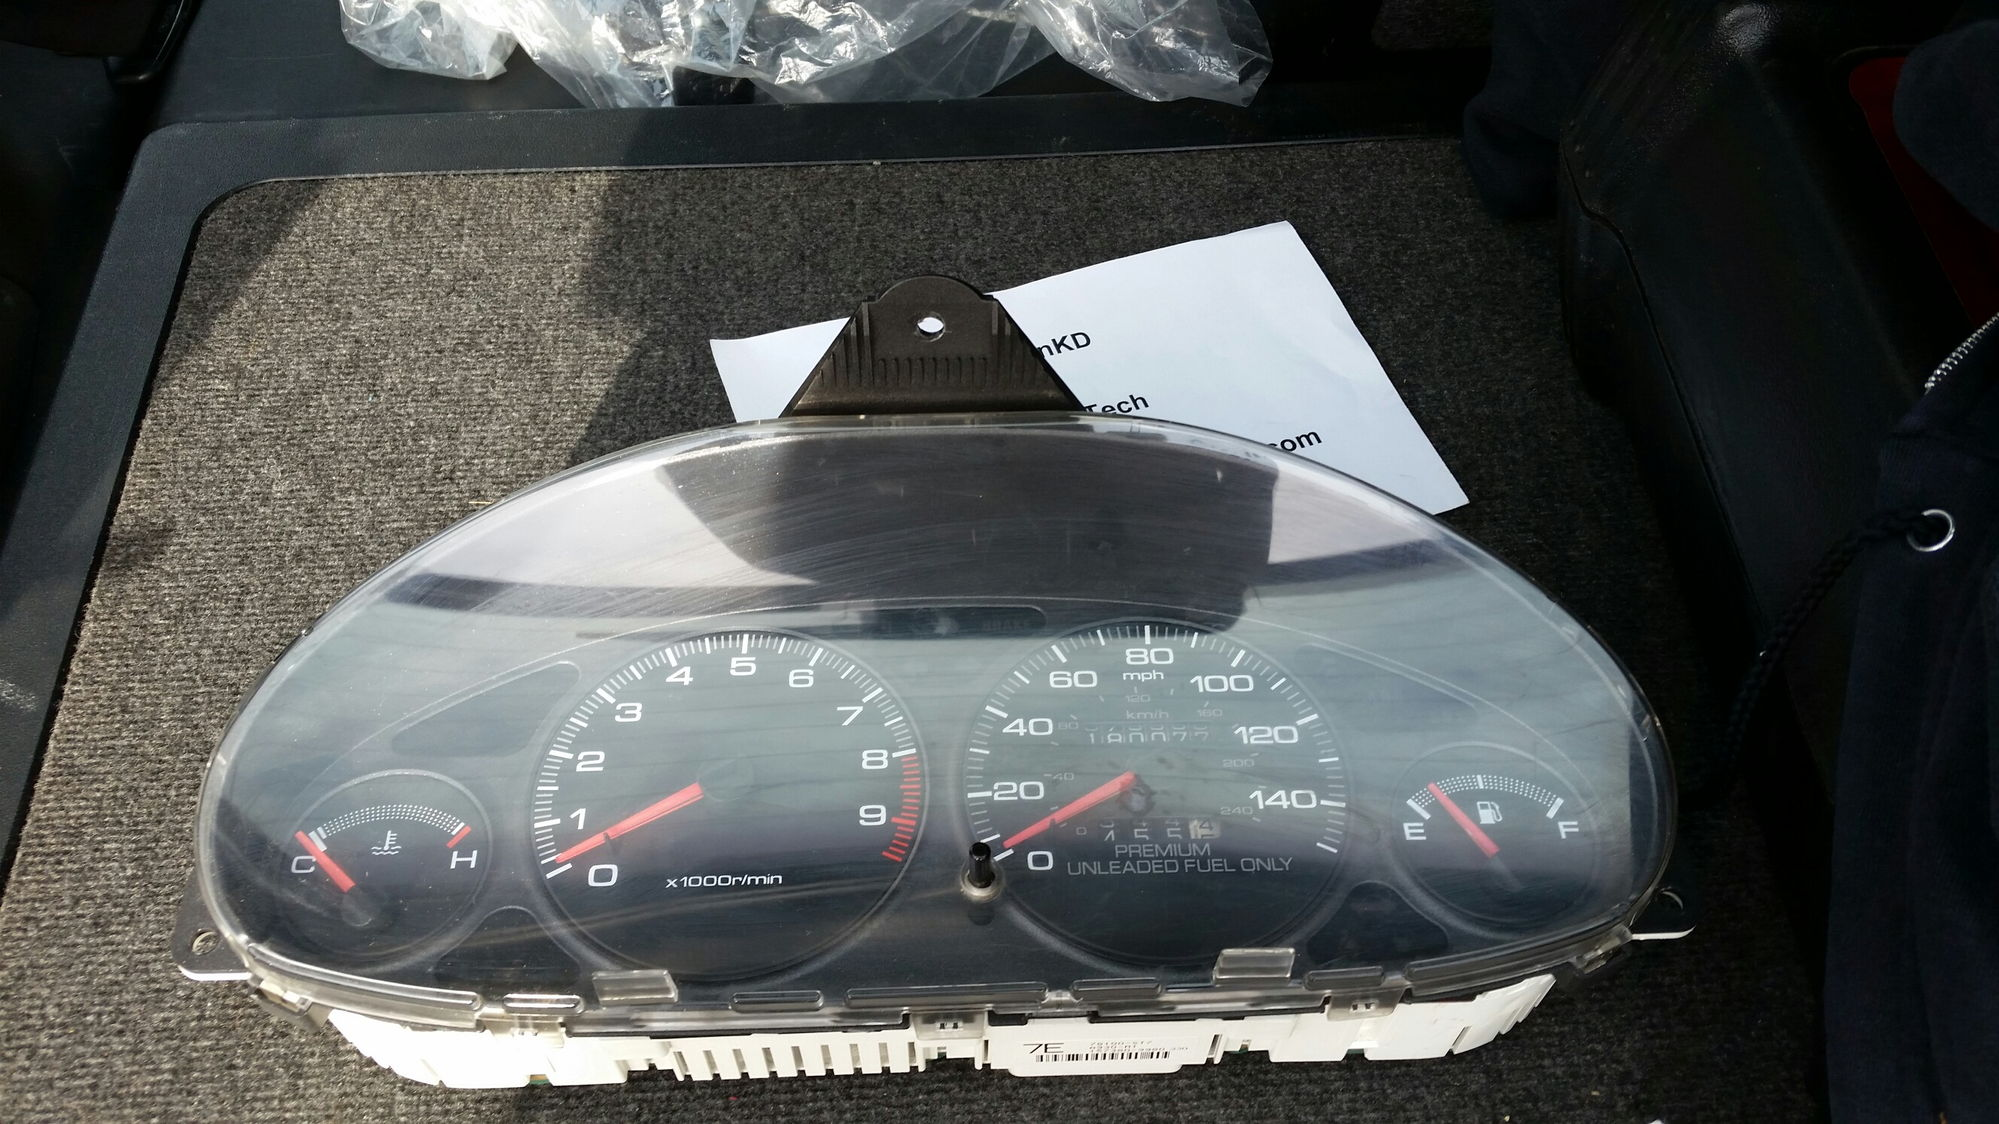 Jdm Dc2 Headlight Harness Free Wiring Diagram For You Integra Edm Usdm Civic Parts Rare Honda Tech Gsr